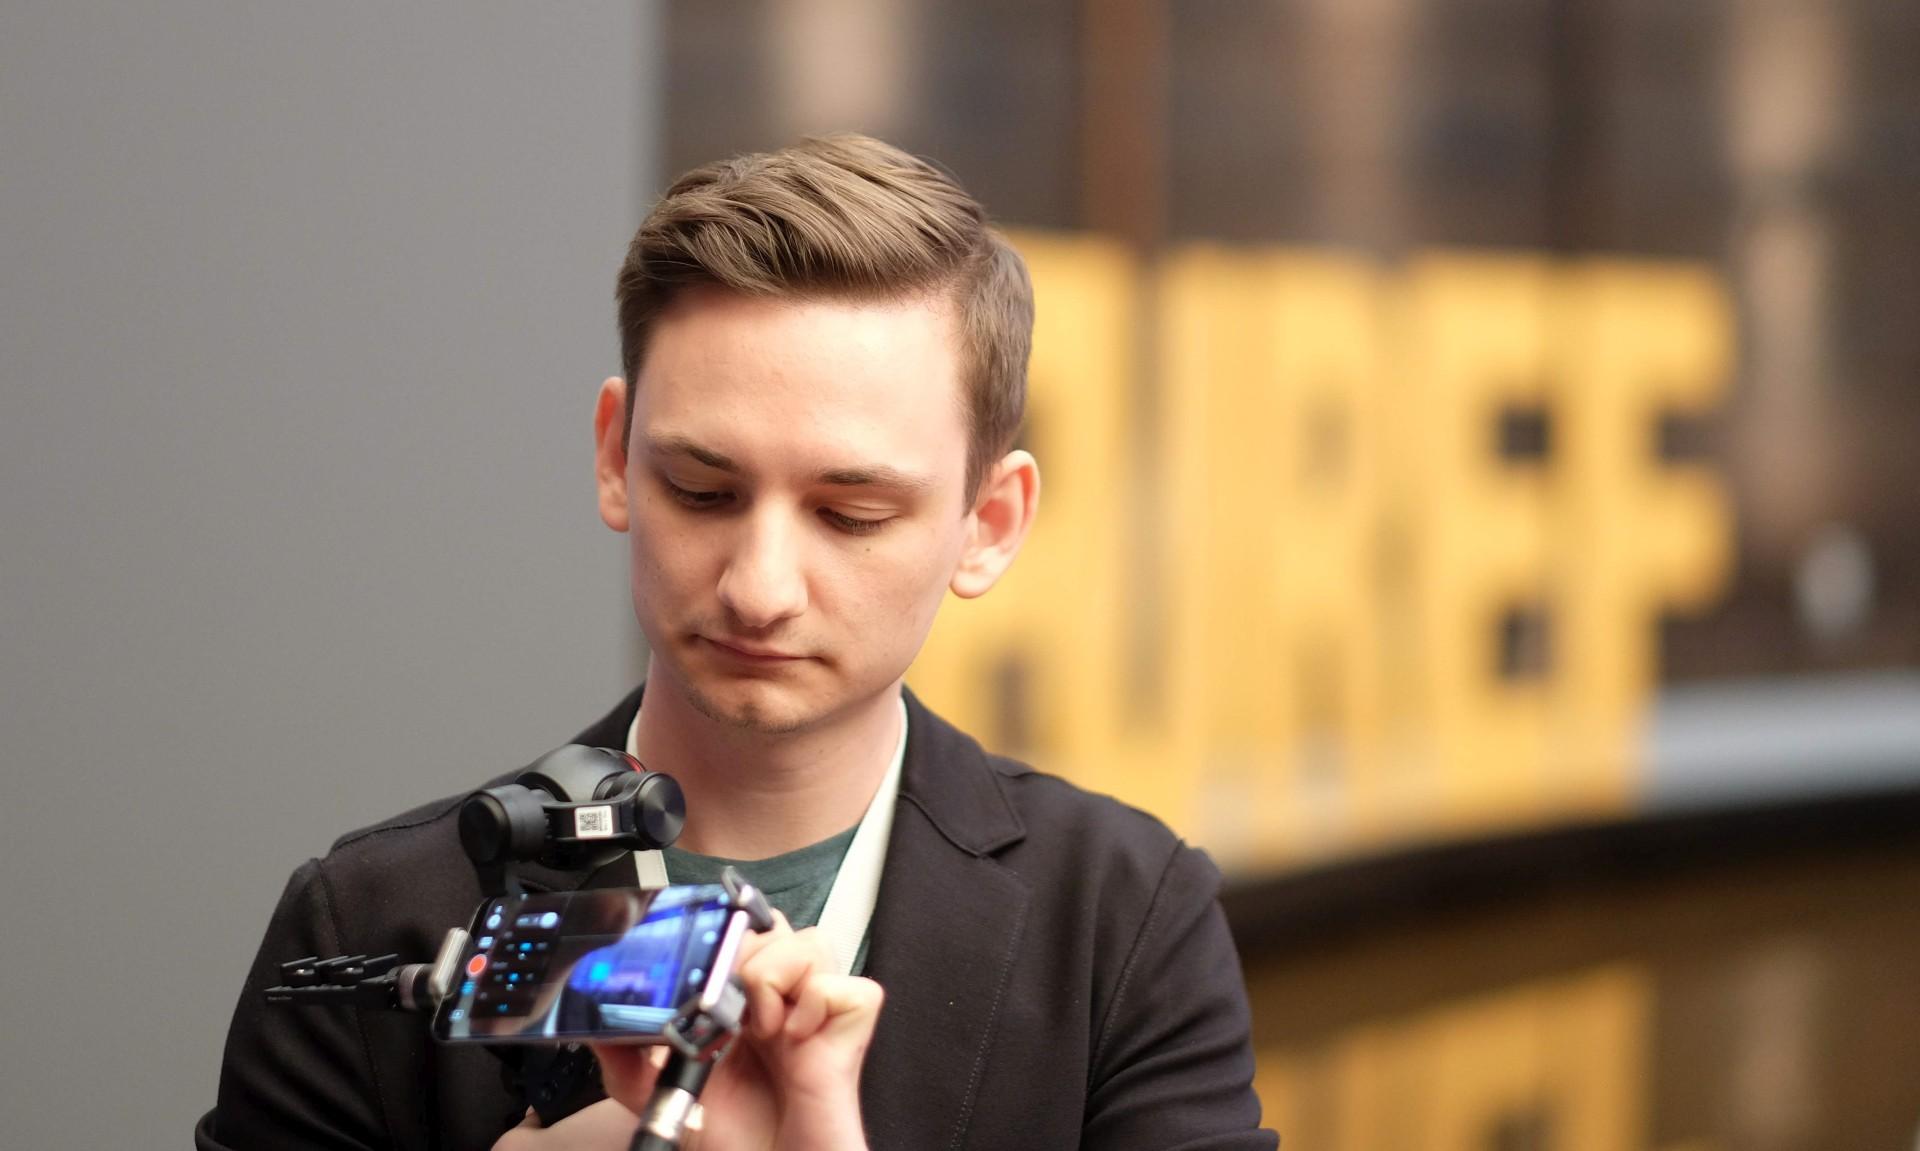 Timo, der konzentriert die Osmo Zenmuse Kamera einstellt